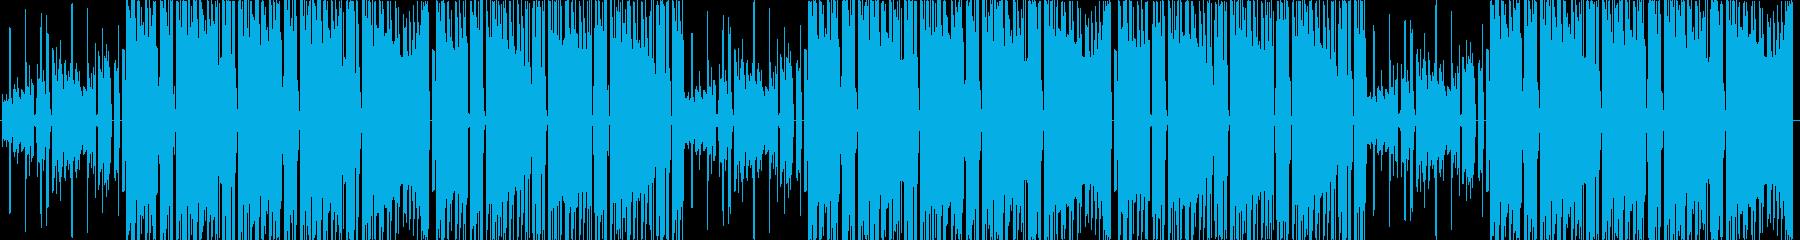 サウンドの賑やかなビートの再生済みの波形